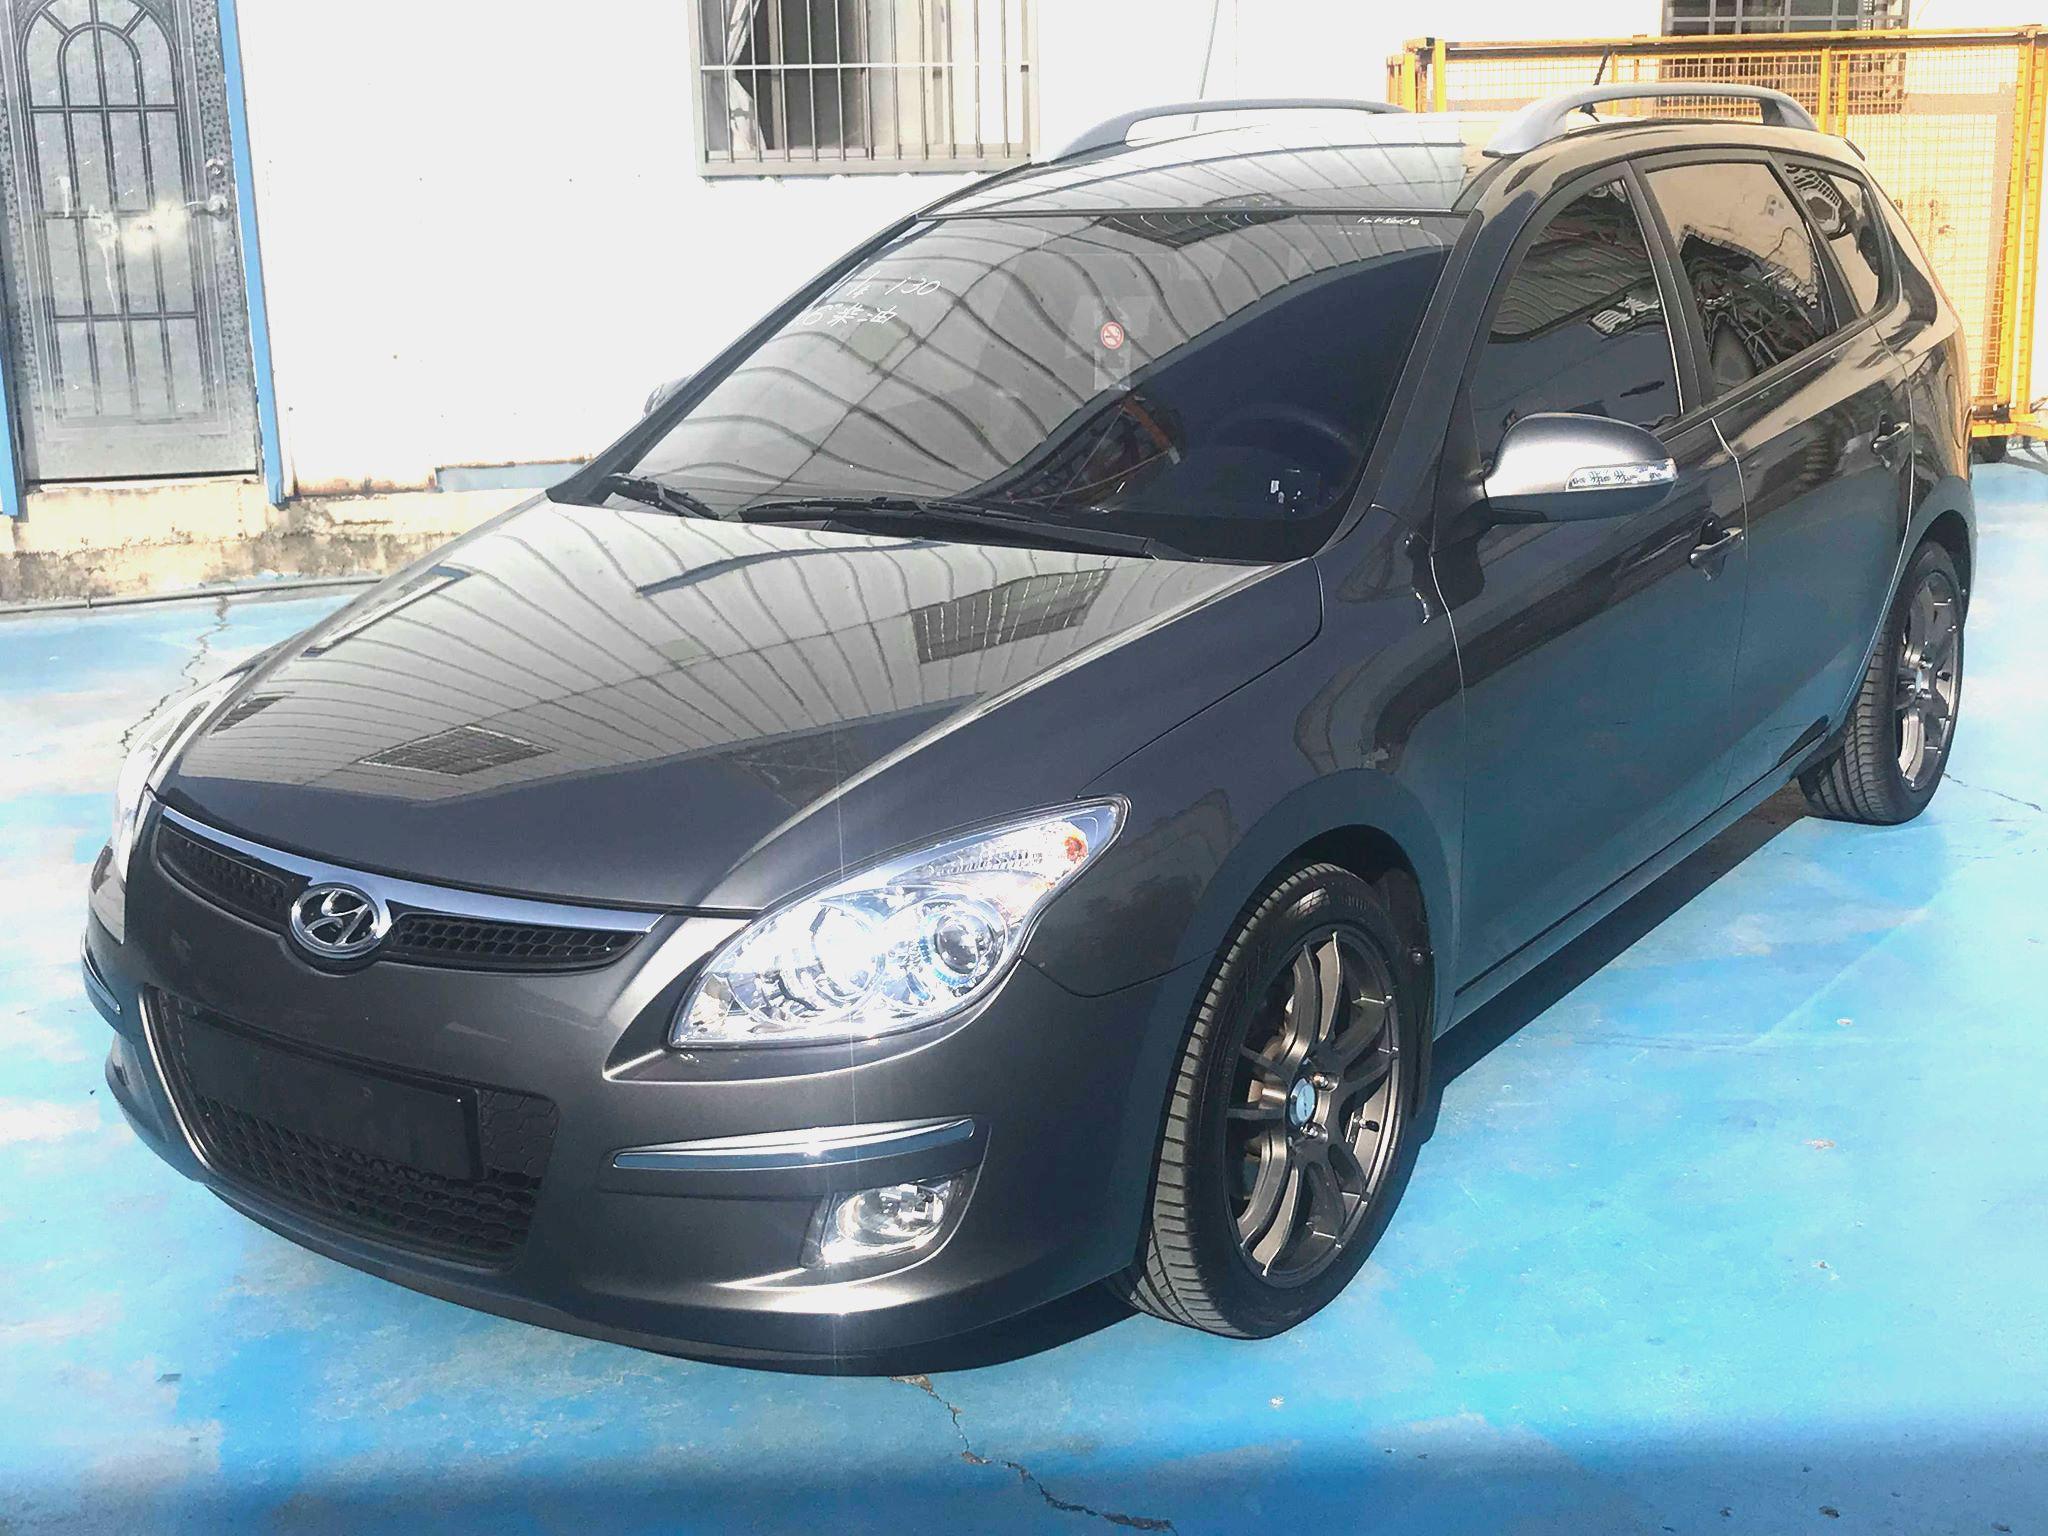 2011 Hyundai 現代 I30 cw